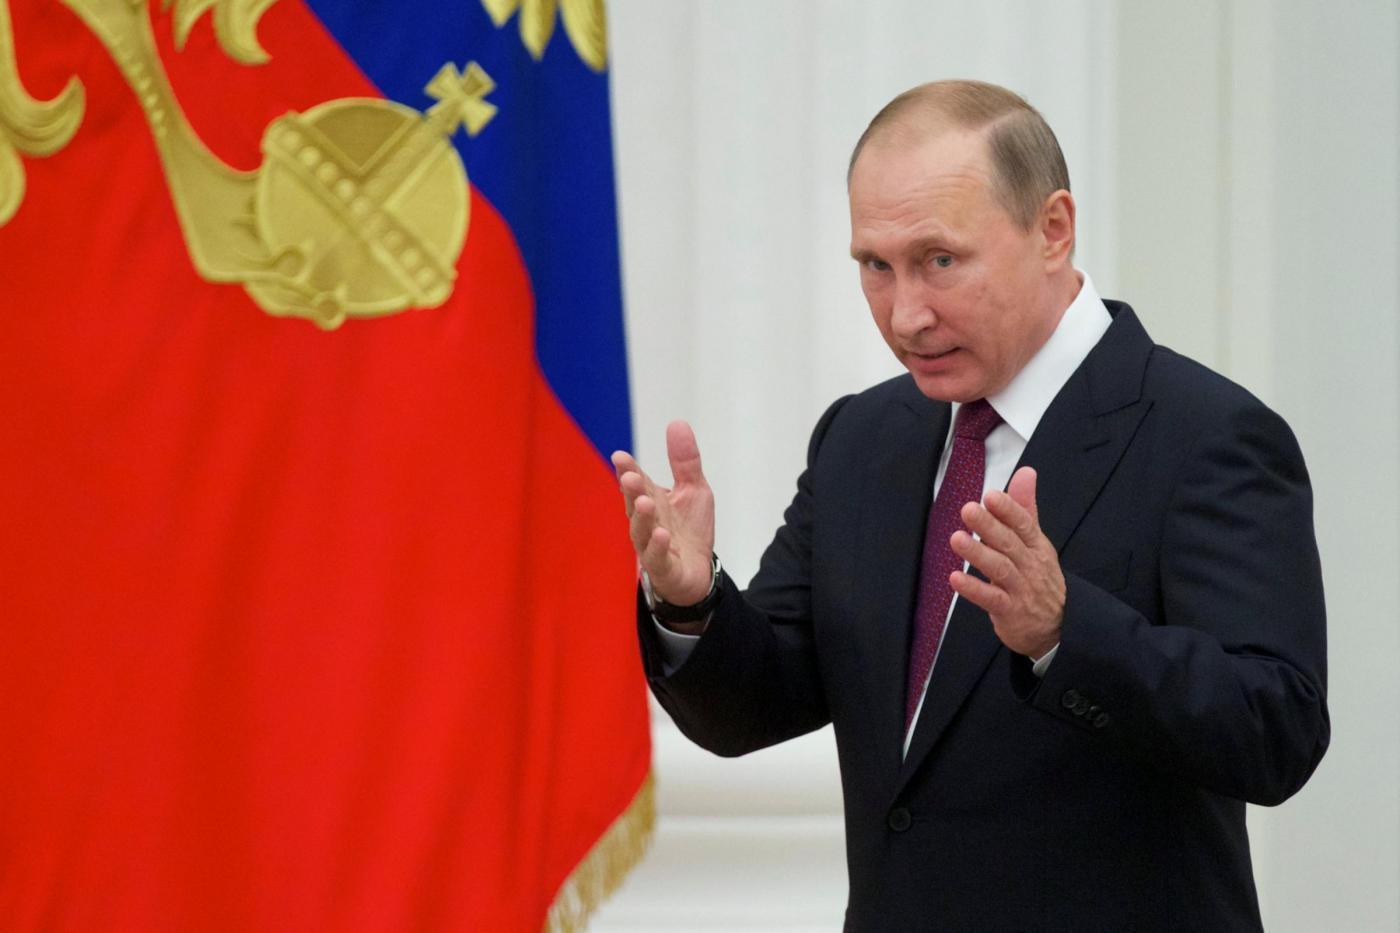 La Russia espelle 150 diplomatici, 60 sono americani: atto 'speculare'